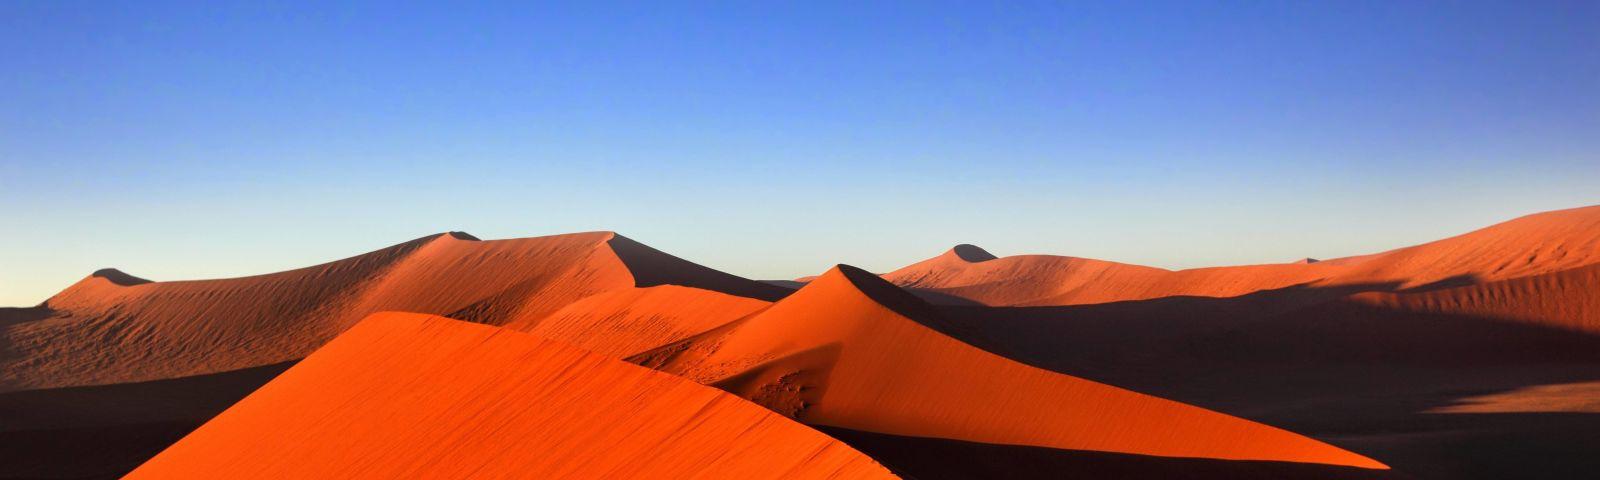 Enchanting Travels - Namibia Reisen - Sossuvlei - Sanddüne - Sonnenuntergang